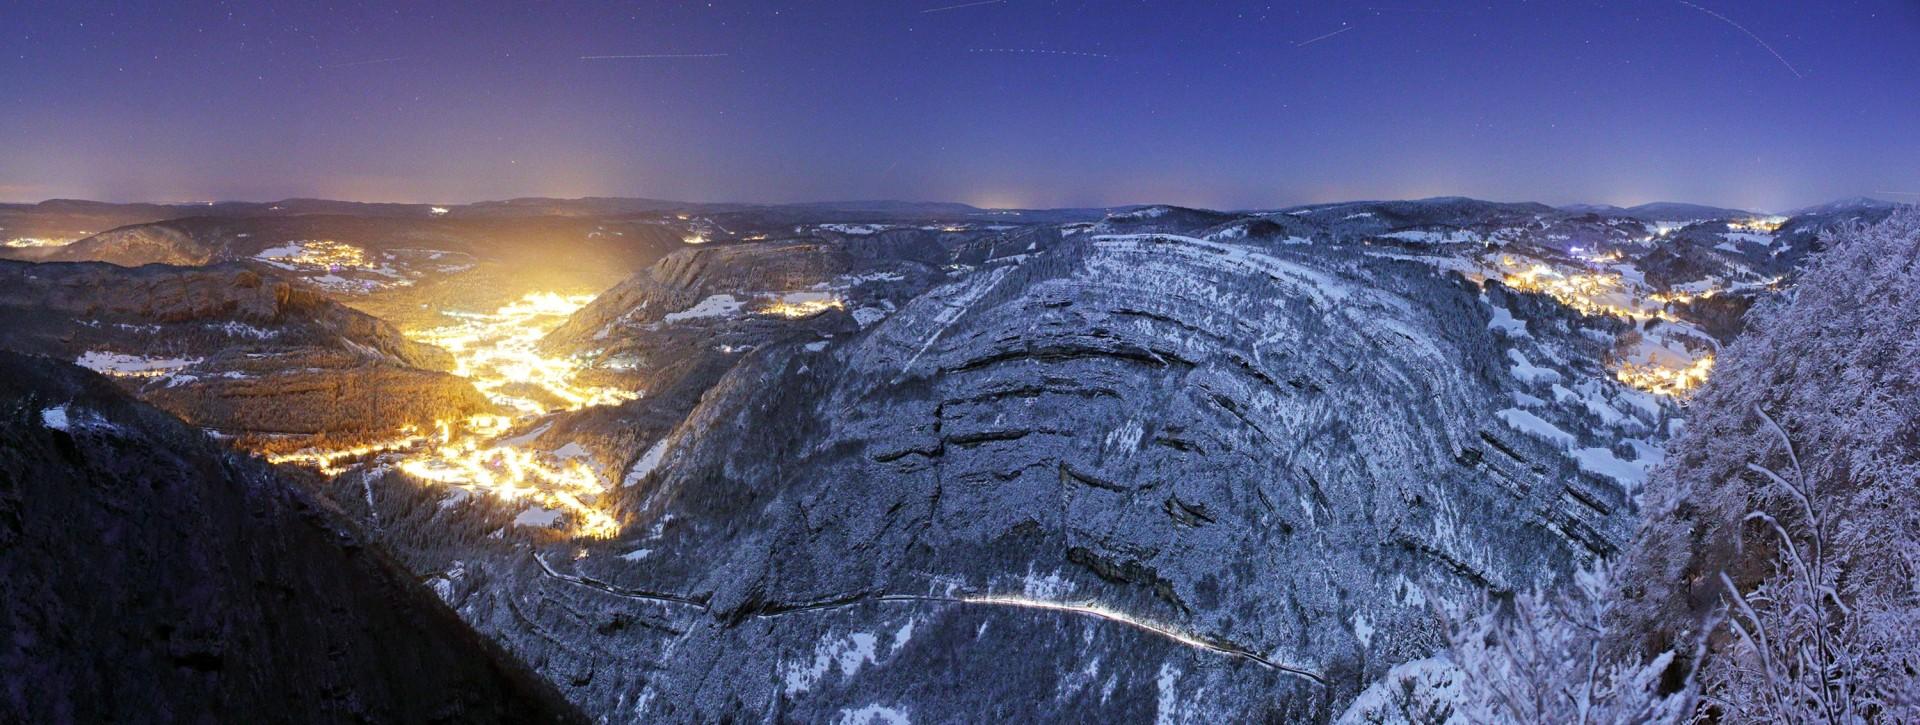 panoramique-depuis-roche-blanche-267